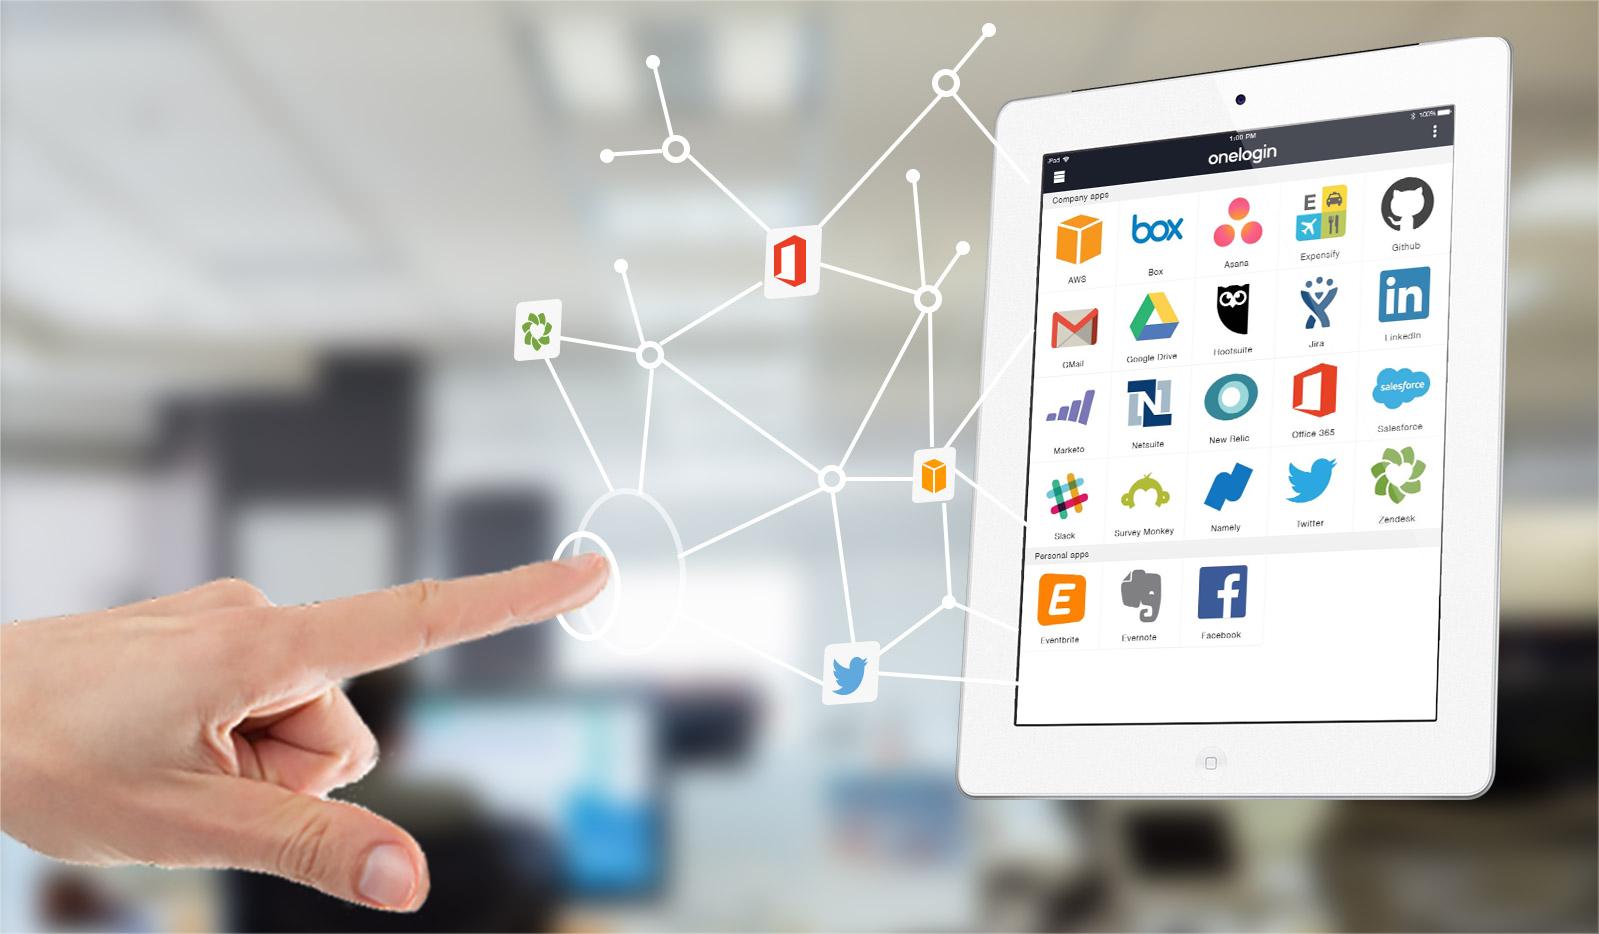 تحميل برامج موبايل 2021 افضل برامج الموبايل المدفوعة مجانا